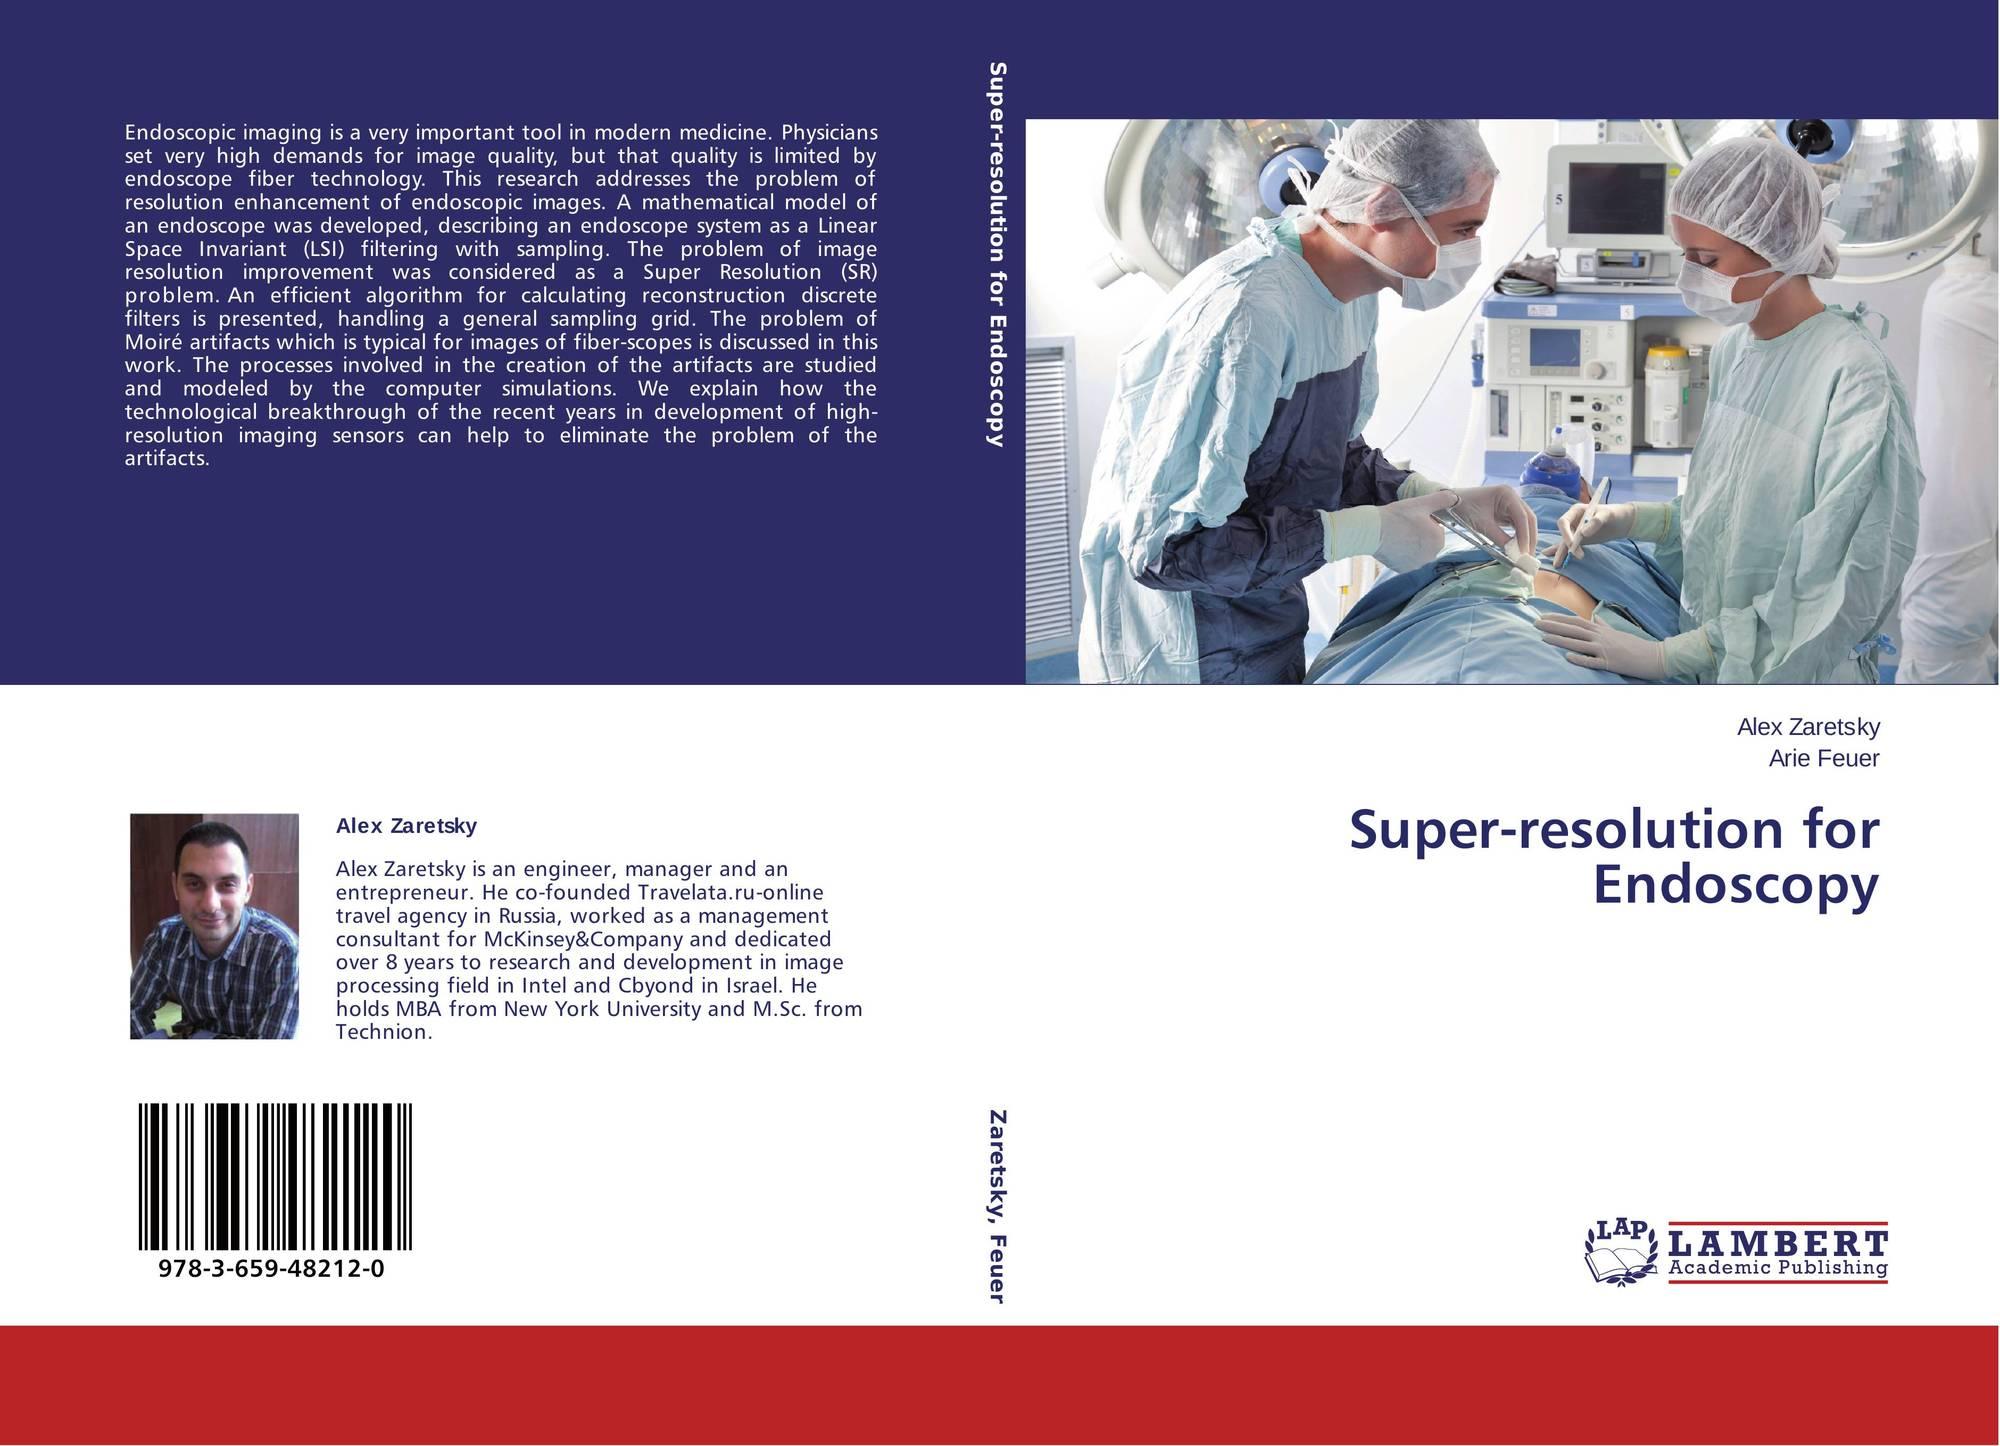 Super-resolution for Endoscopy, 978-3-659-48212-0